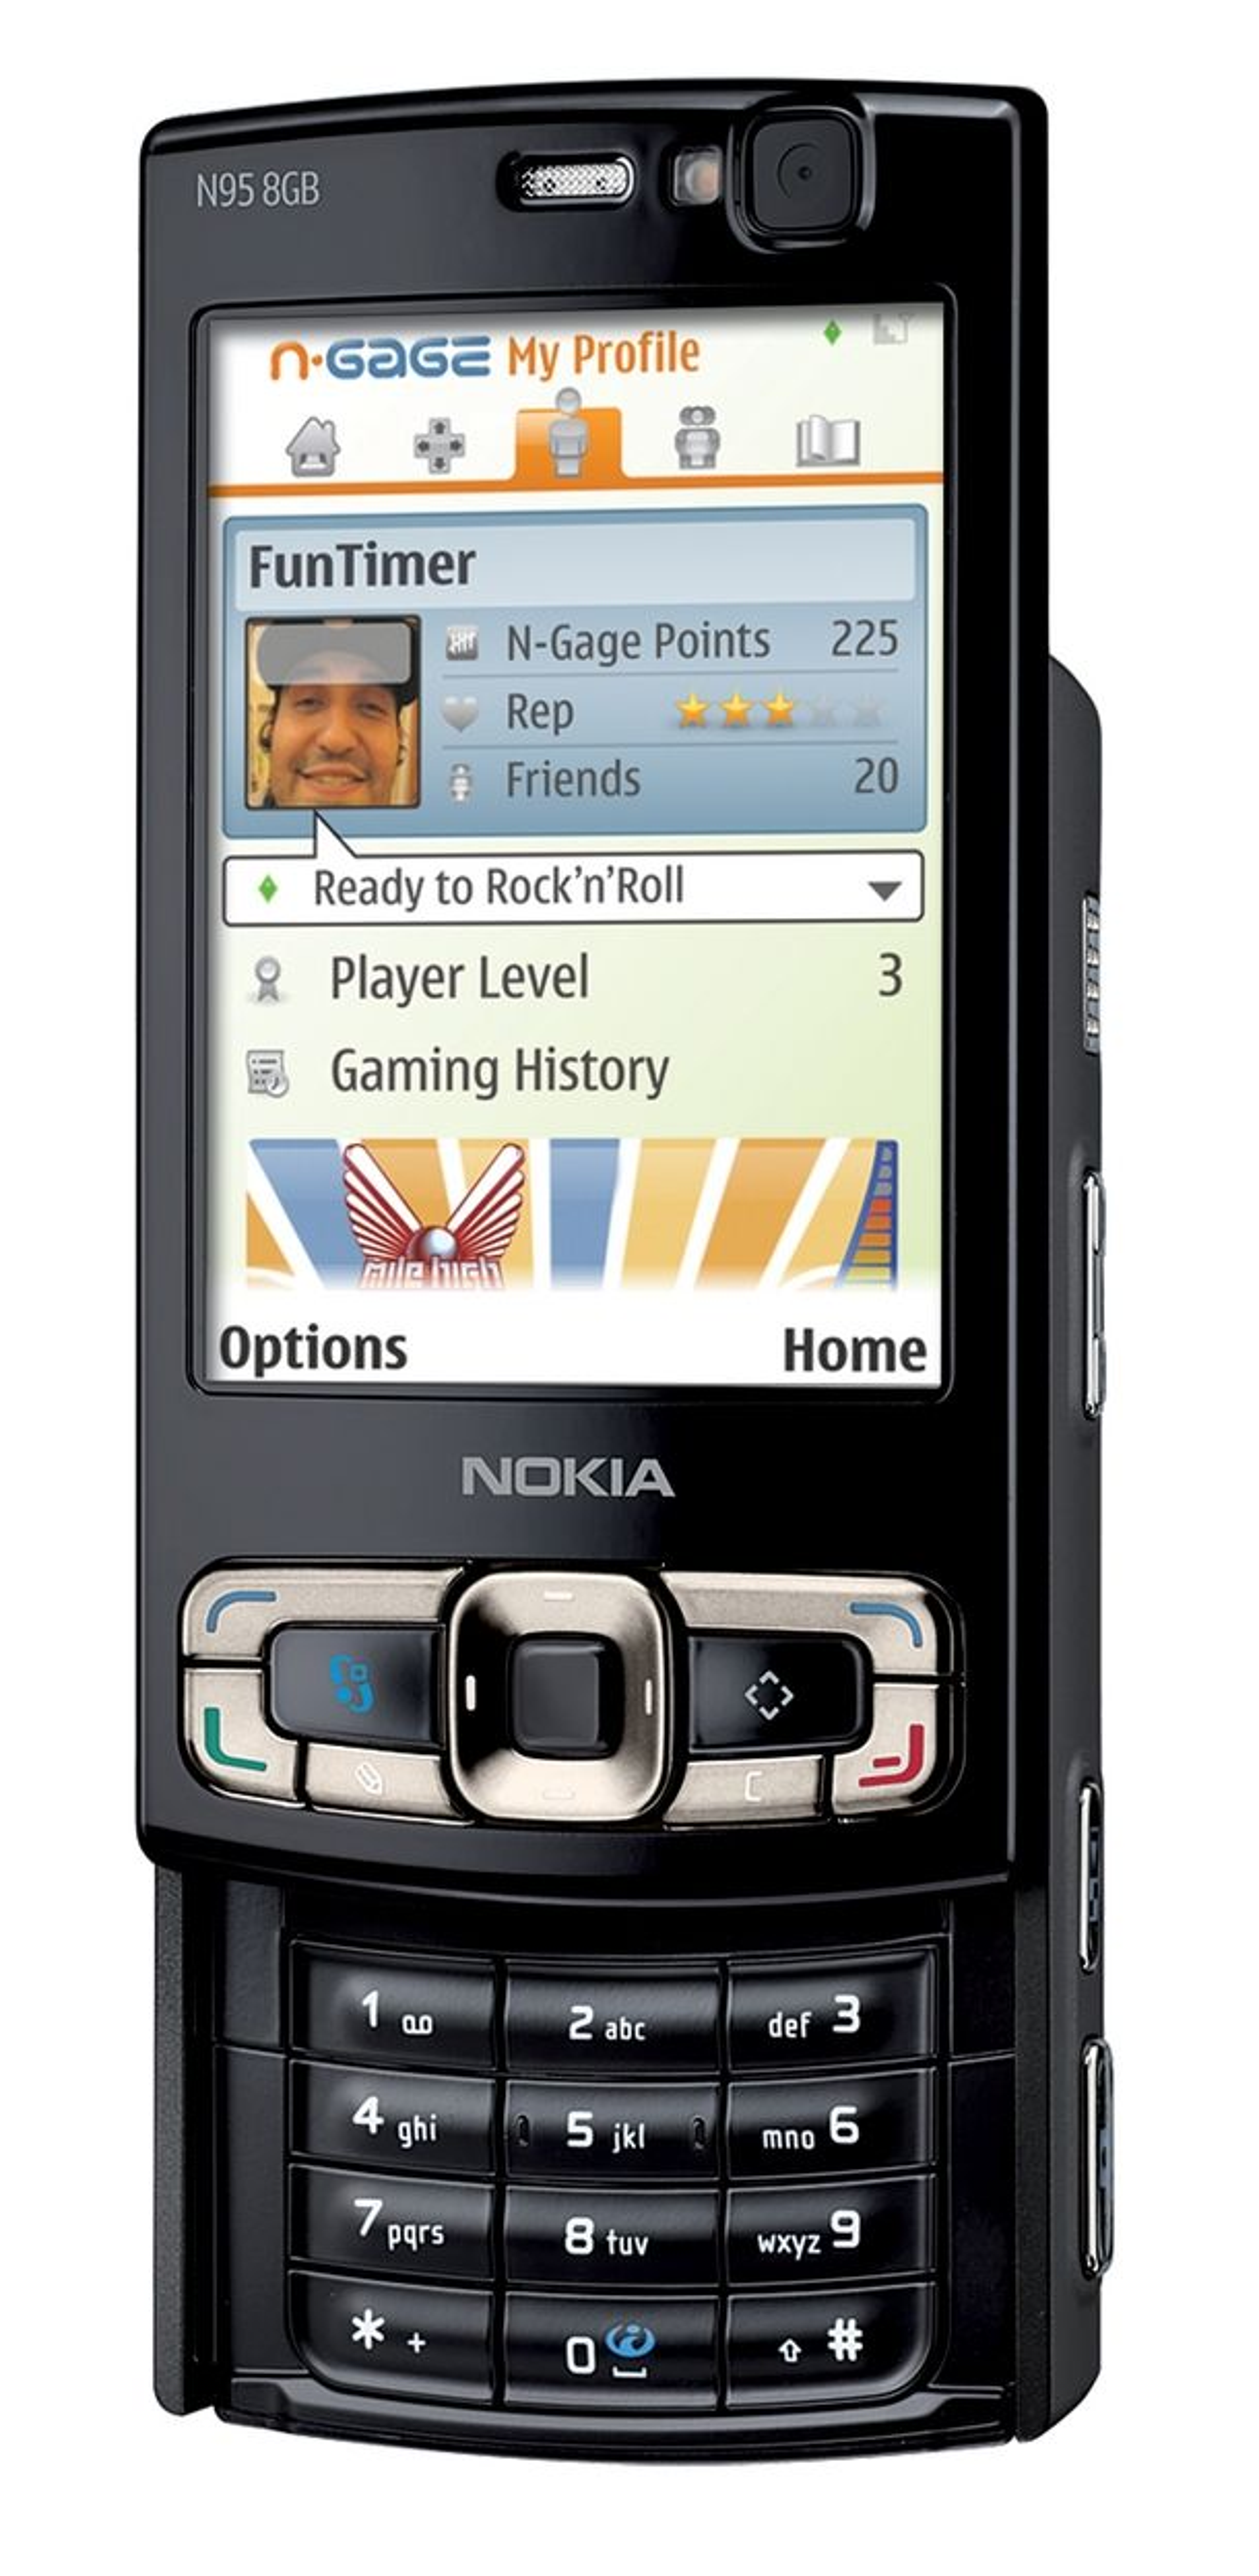 ÅRETS MOBILTELEFON: N95 har hatt alt, snart kommer modellen som har alt inklusive 8 gigabyte minne. Mobilen vil ligge under mange juletrær.